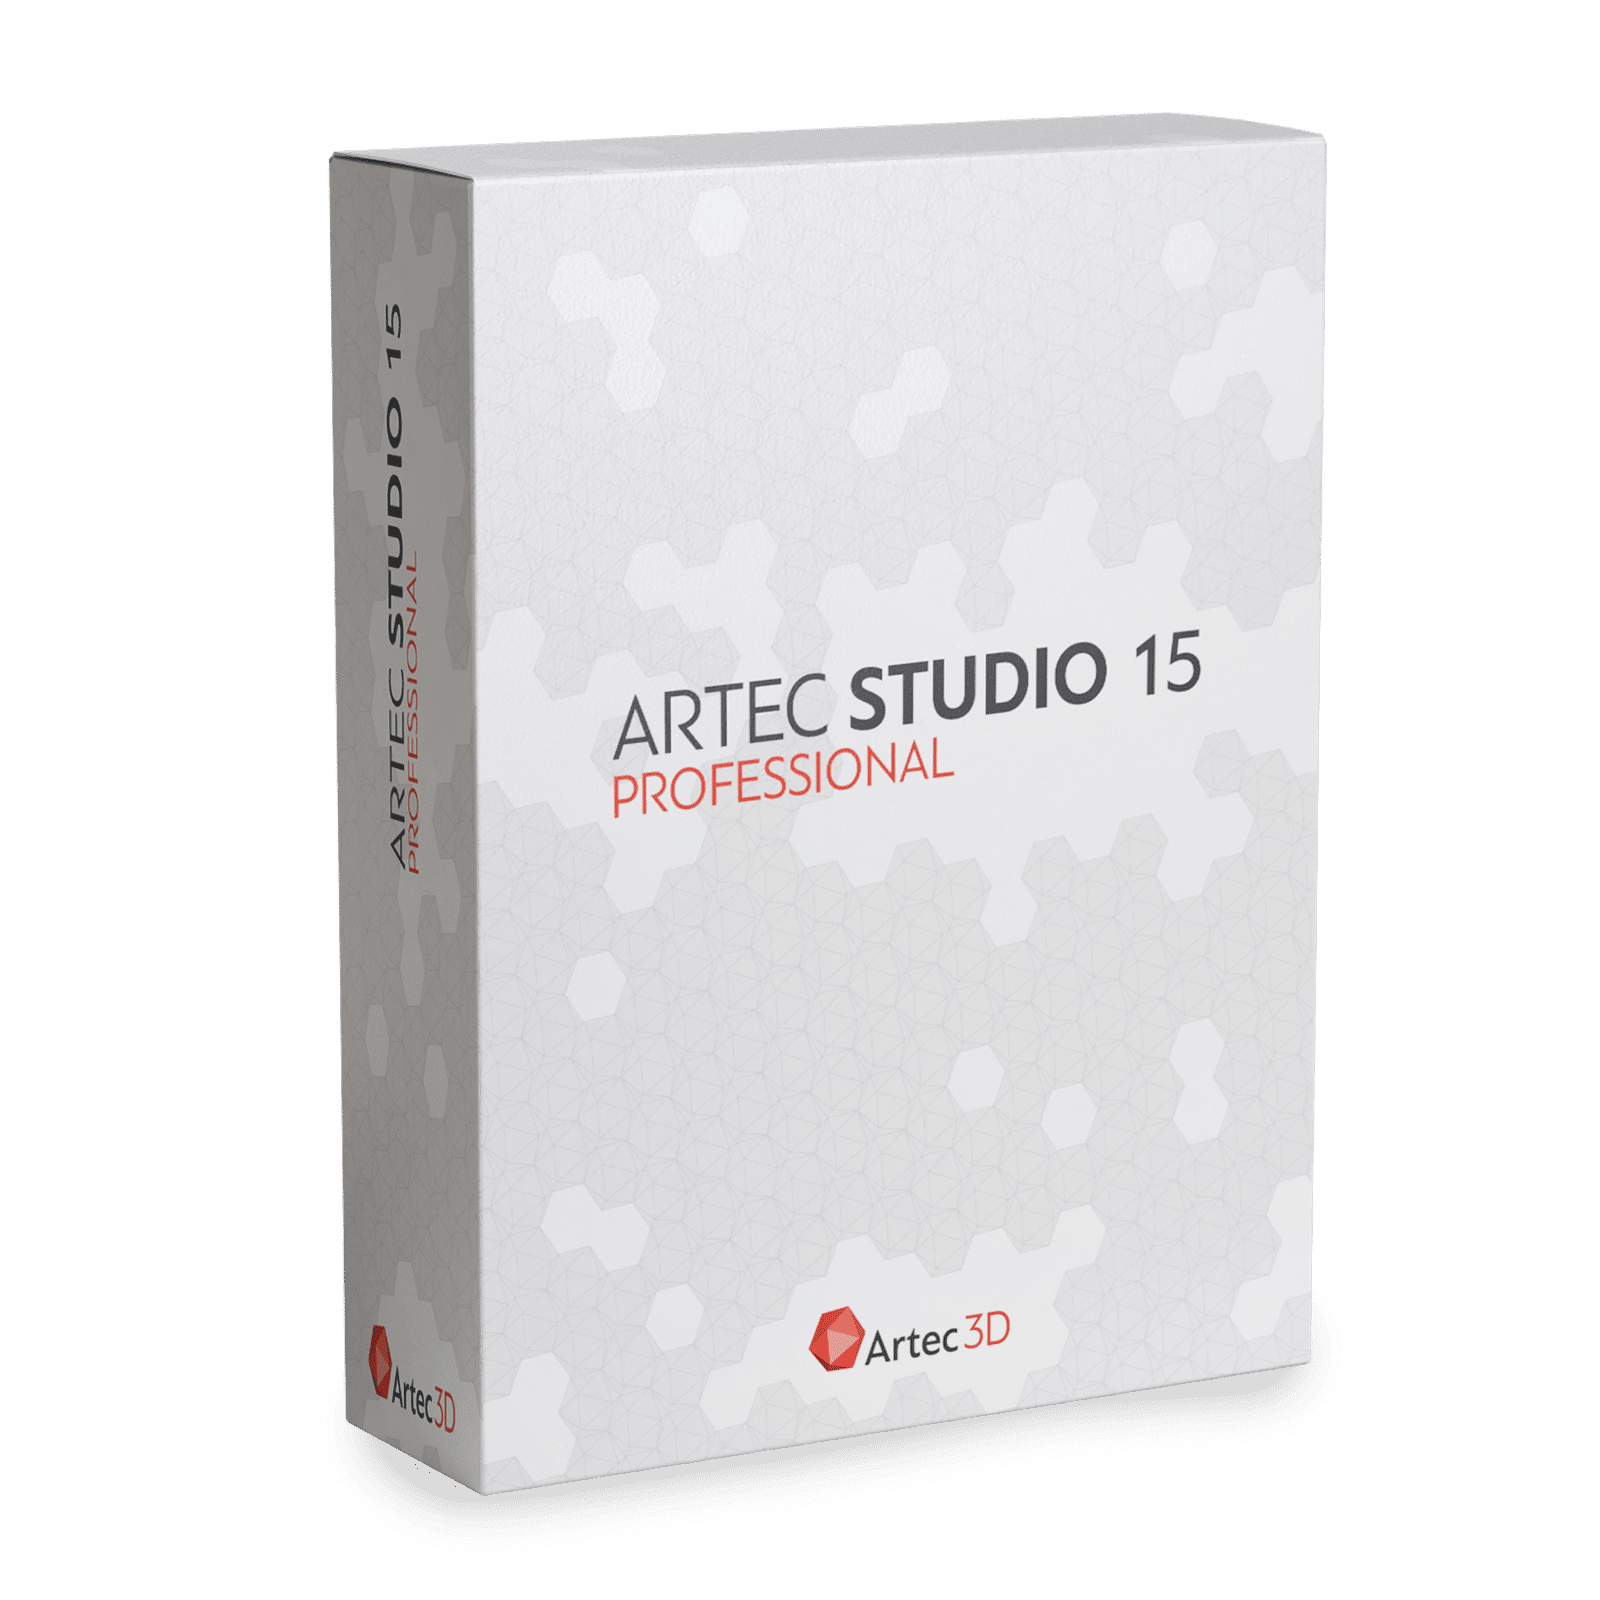 Artec Studio 15 3D Software